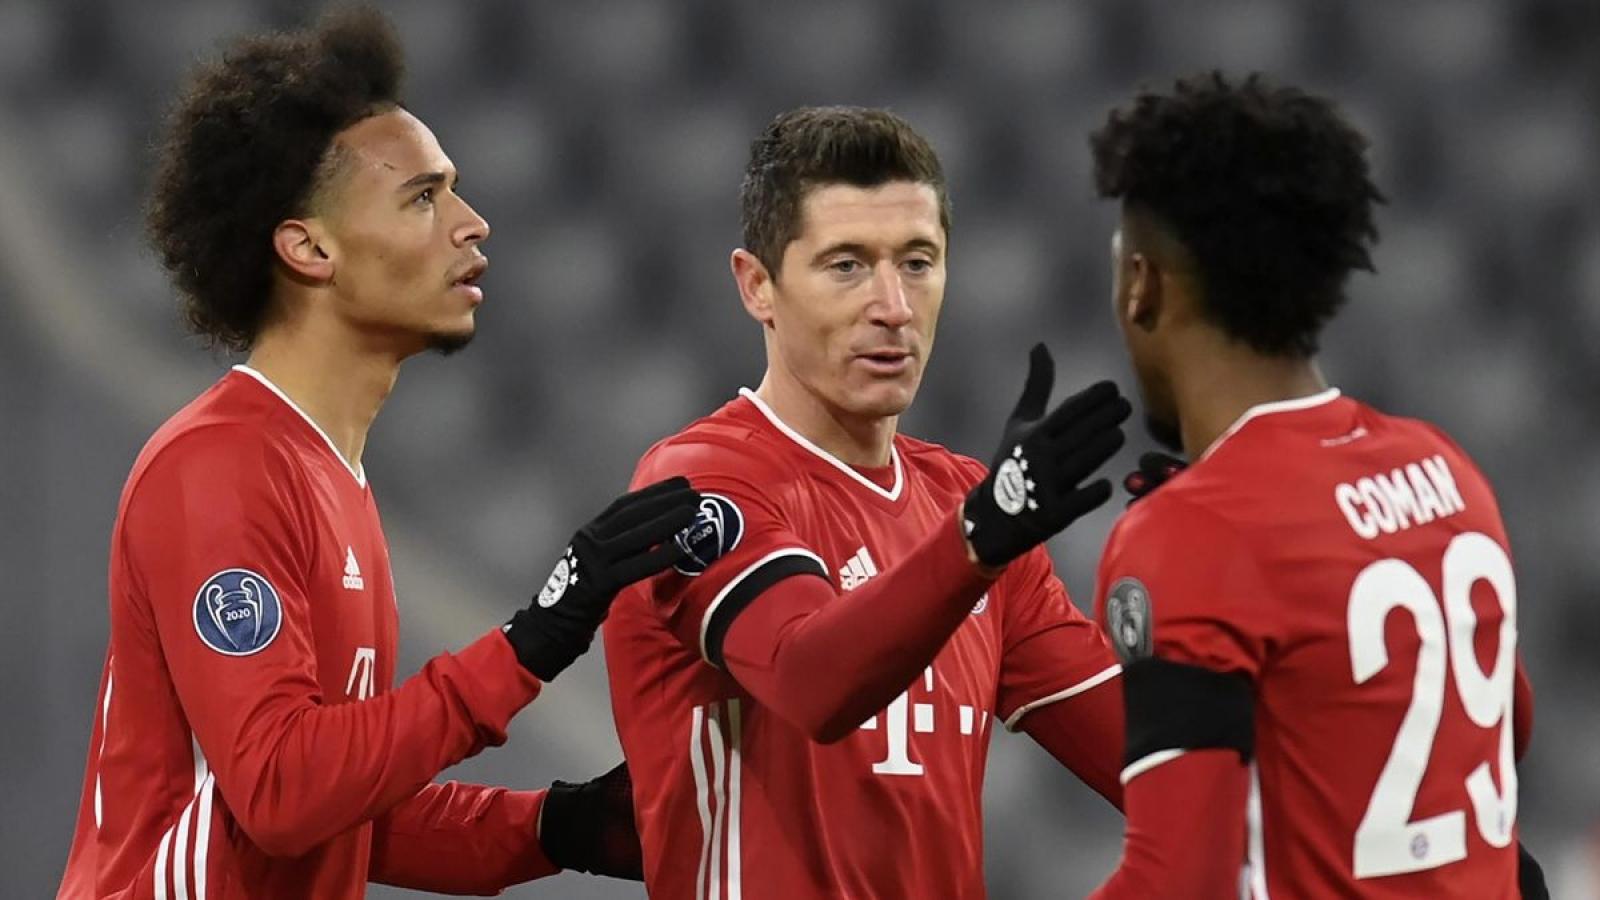 Bayern Munich hạ Salzburg, chính thức vào vòng 1/8 Champions League với ngôi nhất bảng